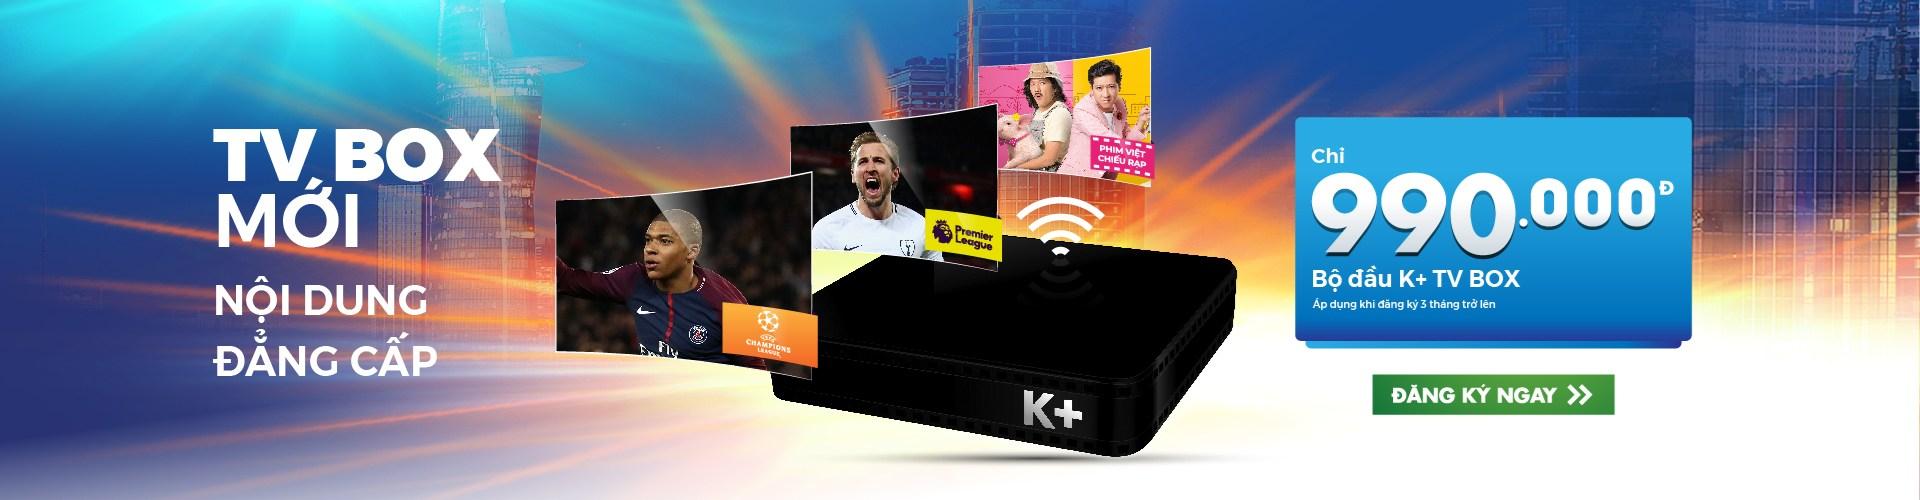 k+ tv box